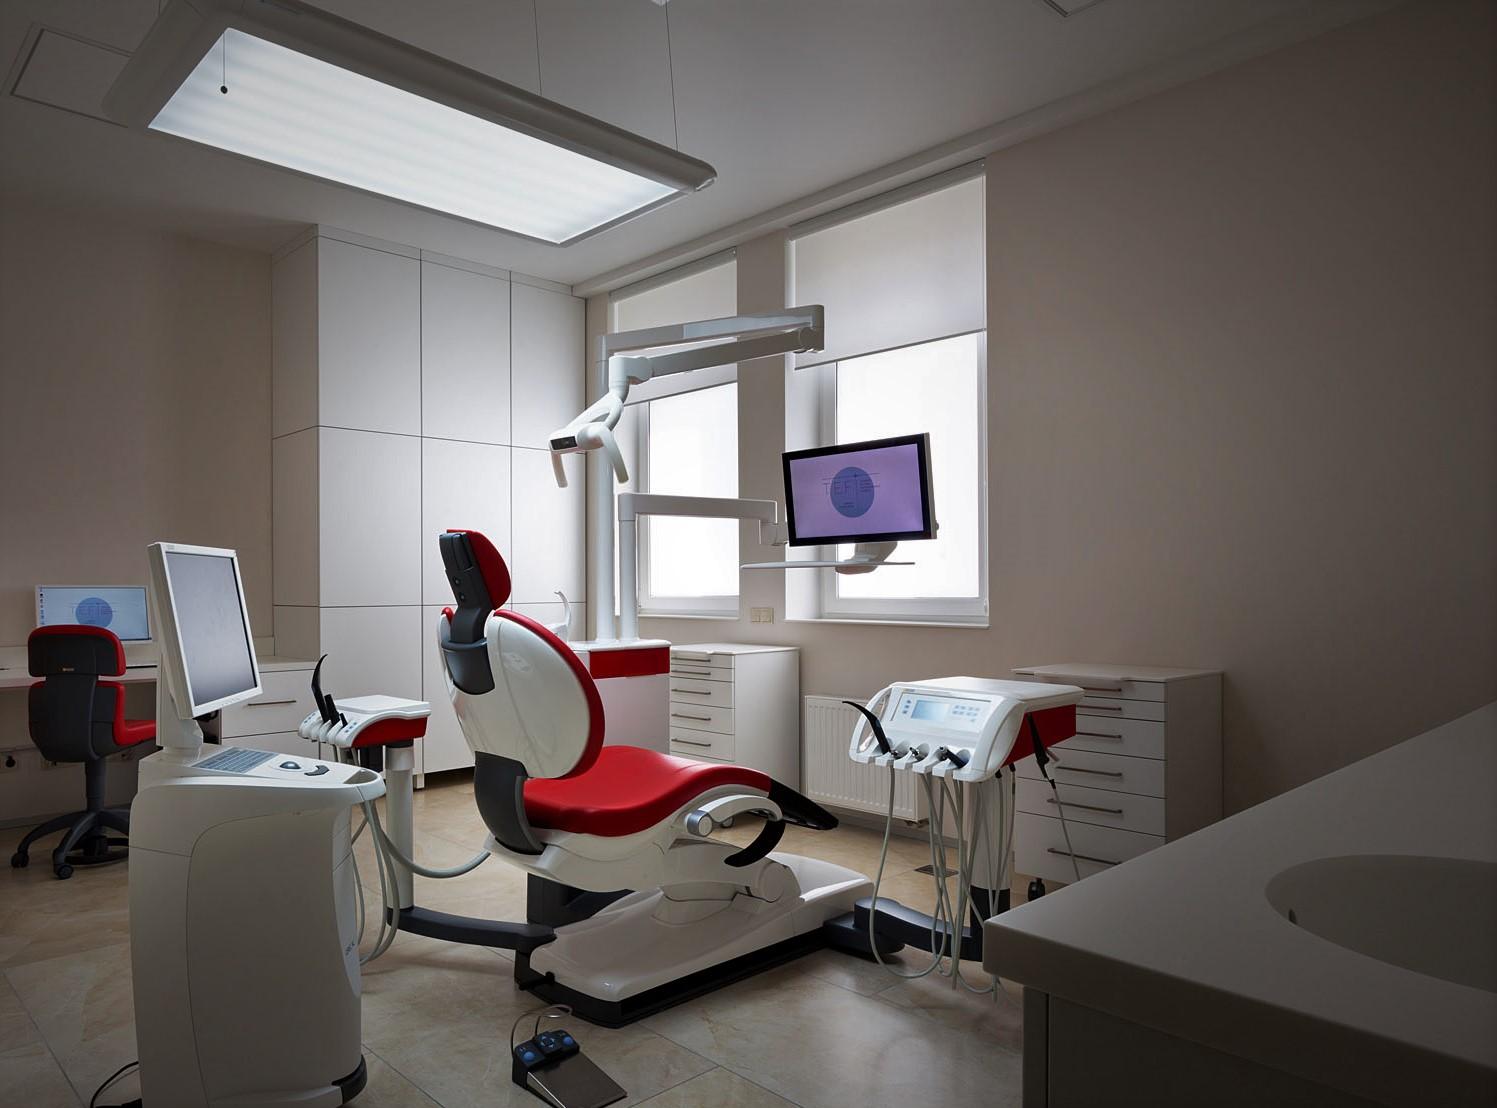 Стоматология со стационарным рентгеном